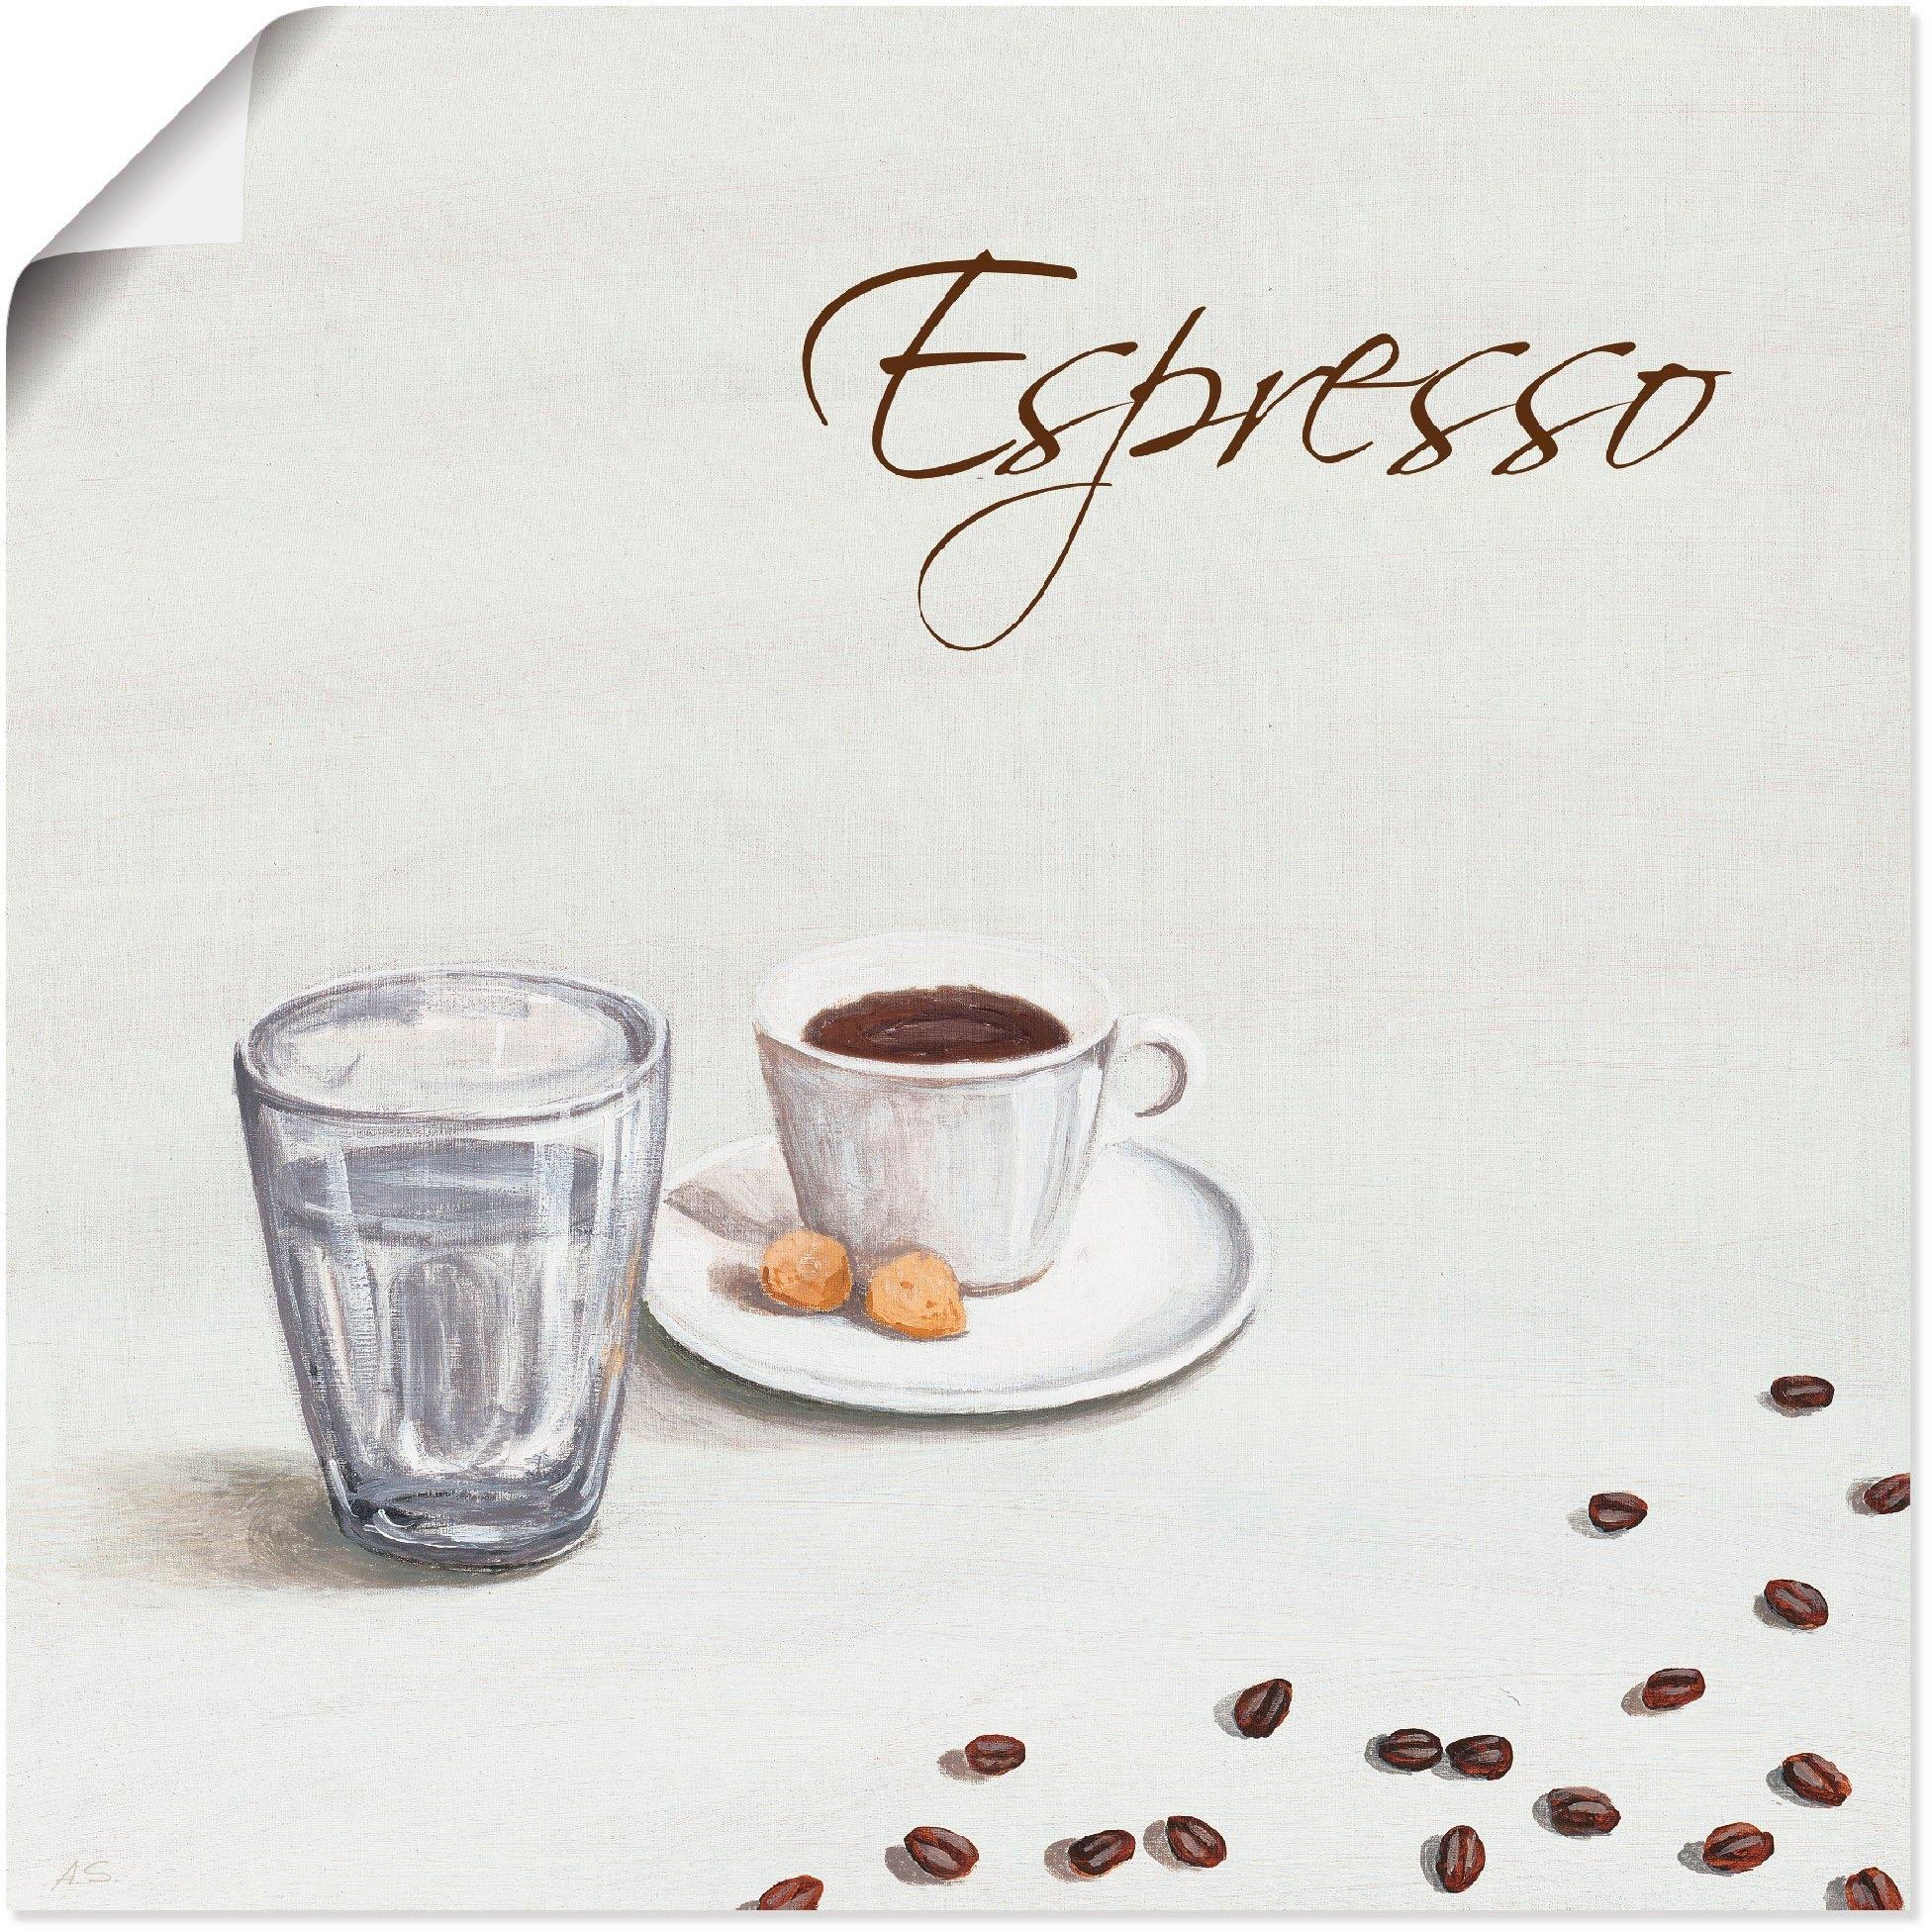 Artland artprint Espresso III in vele afmetingen & productsoorten - artprint van aluminium / artprint voor buiten, artprint op linnen, poster, muursticker / wandfolie ook geschikt voor de badkamer (1 stuk) - verschillende betaalmethodes